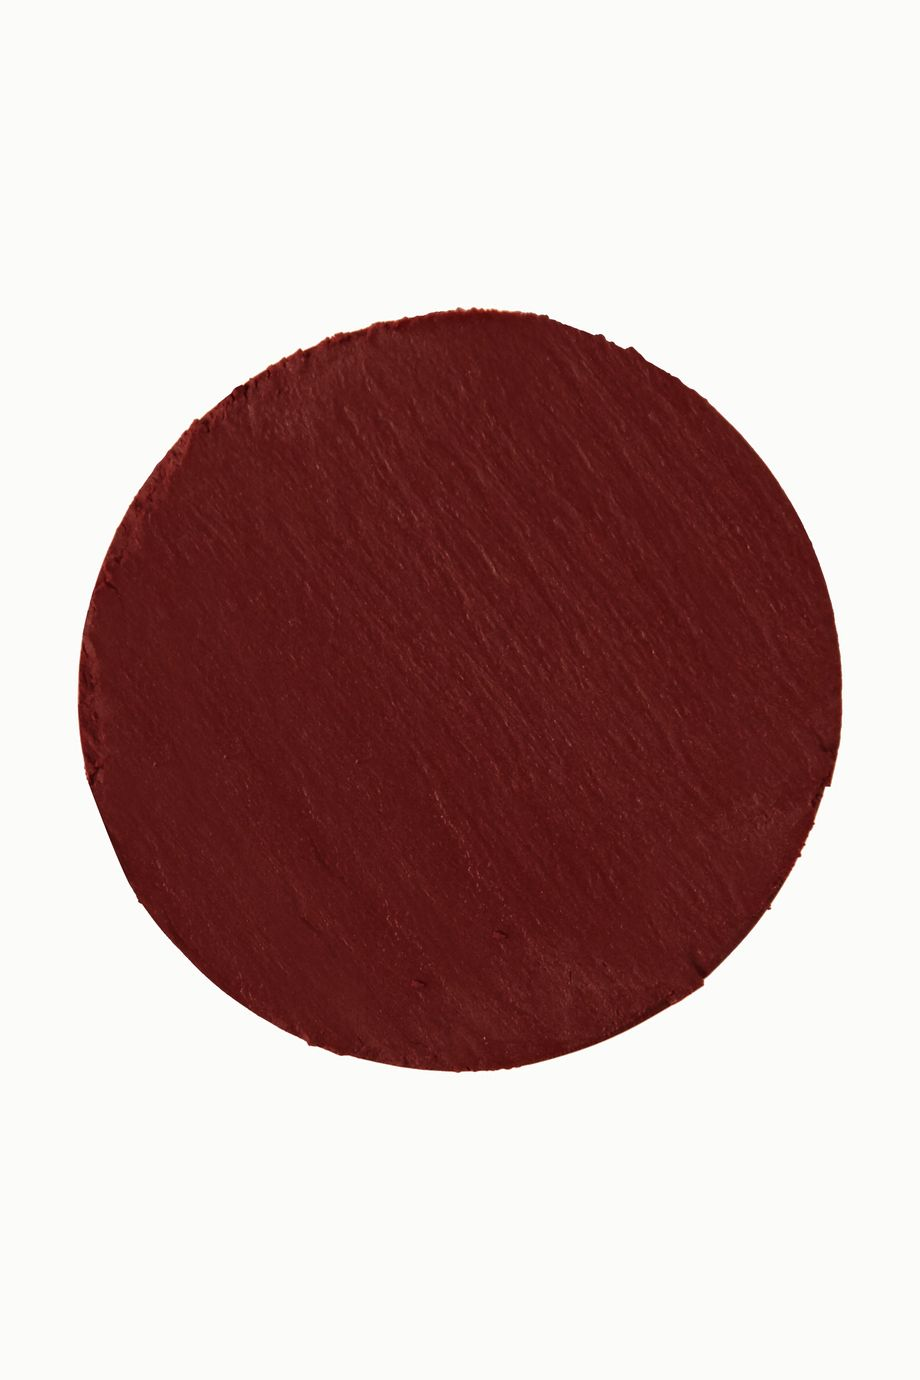 Givenchy Beauty Le Rouge Mat - Violine Retro 330